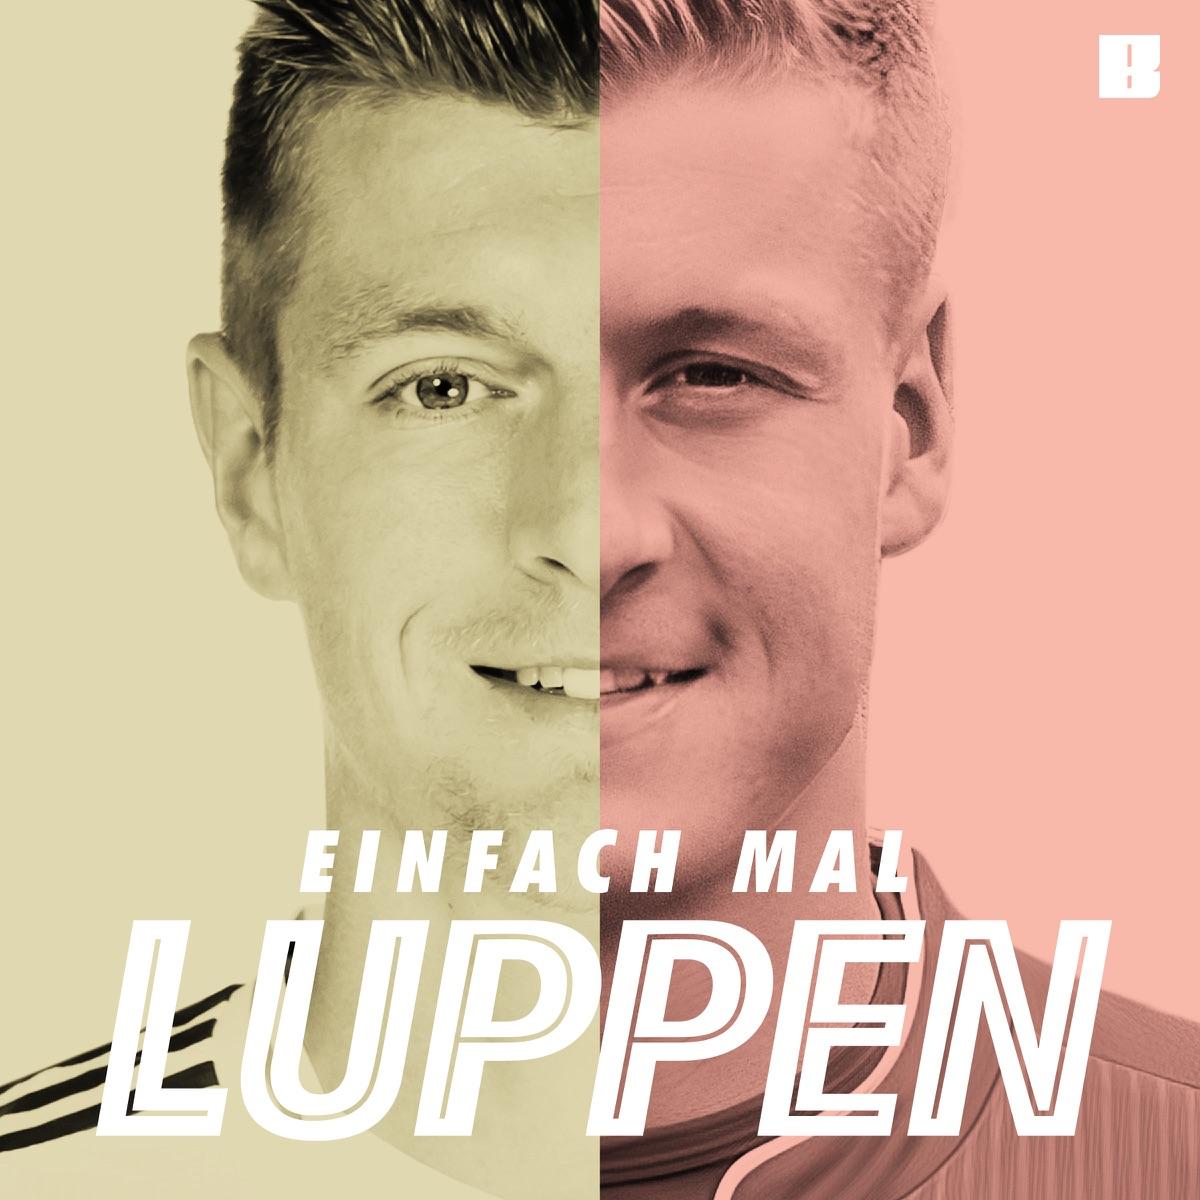 Luppen mit ... Steffen Baumgart!